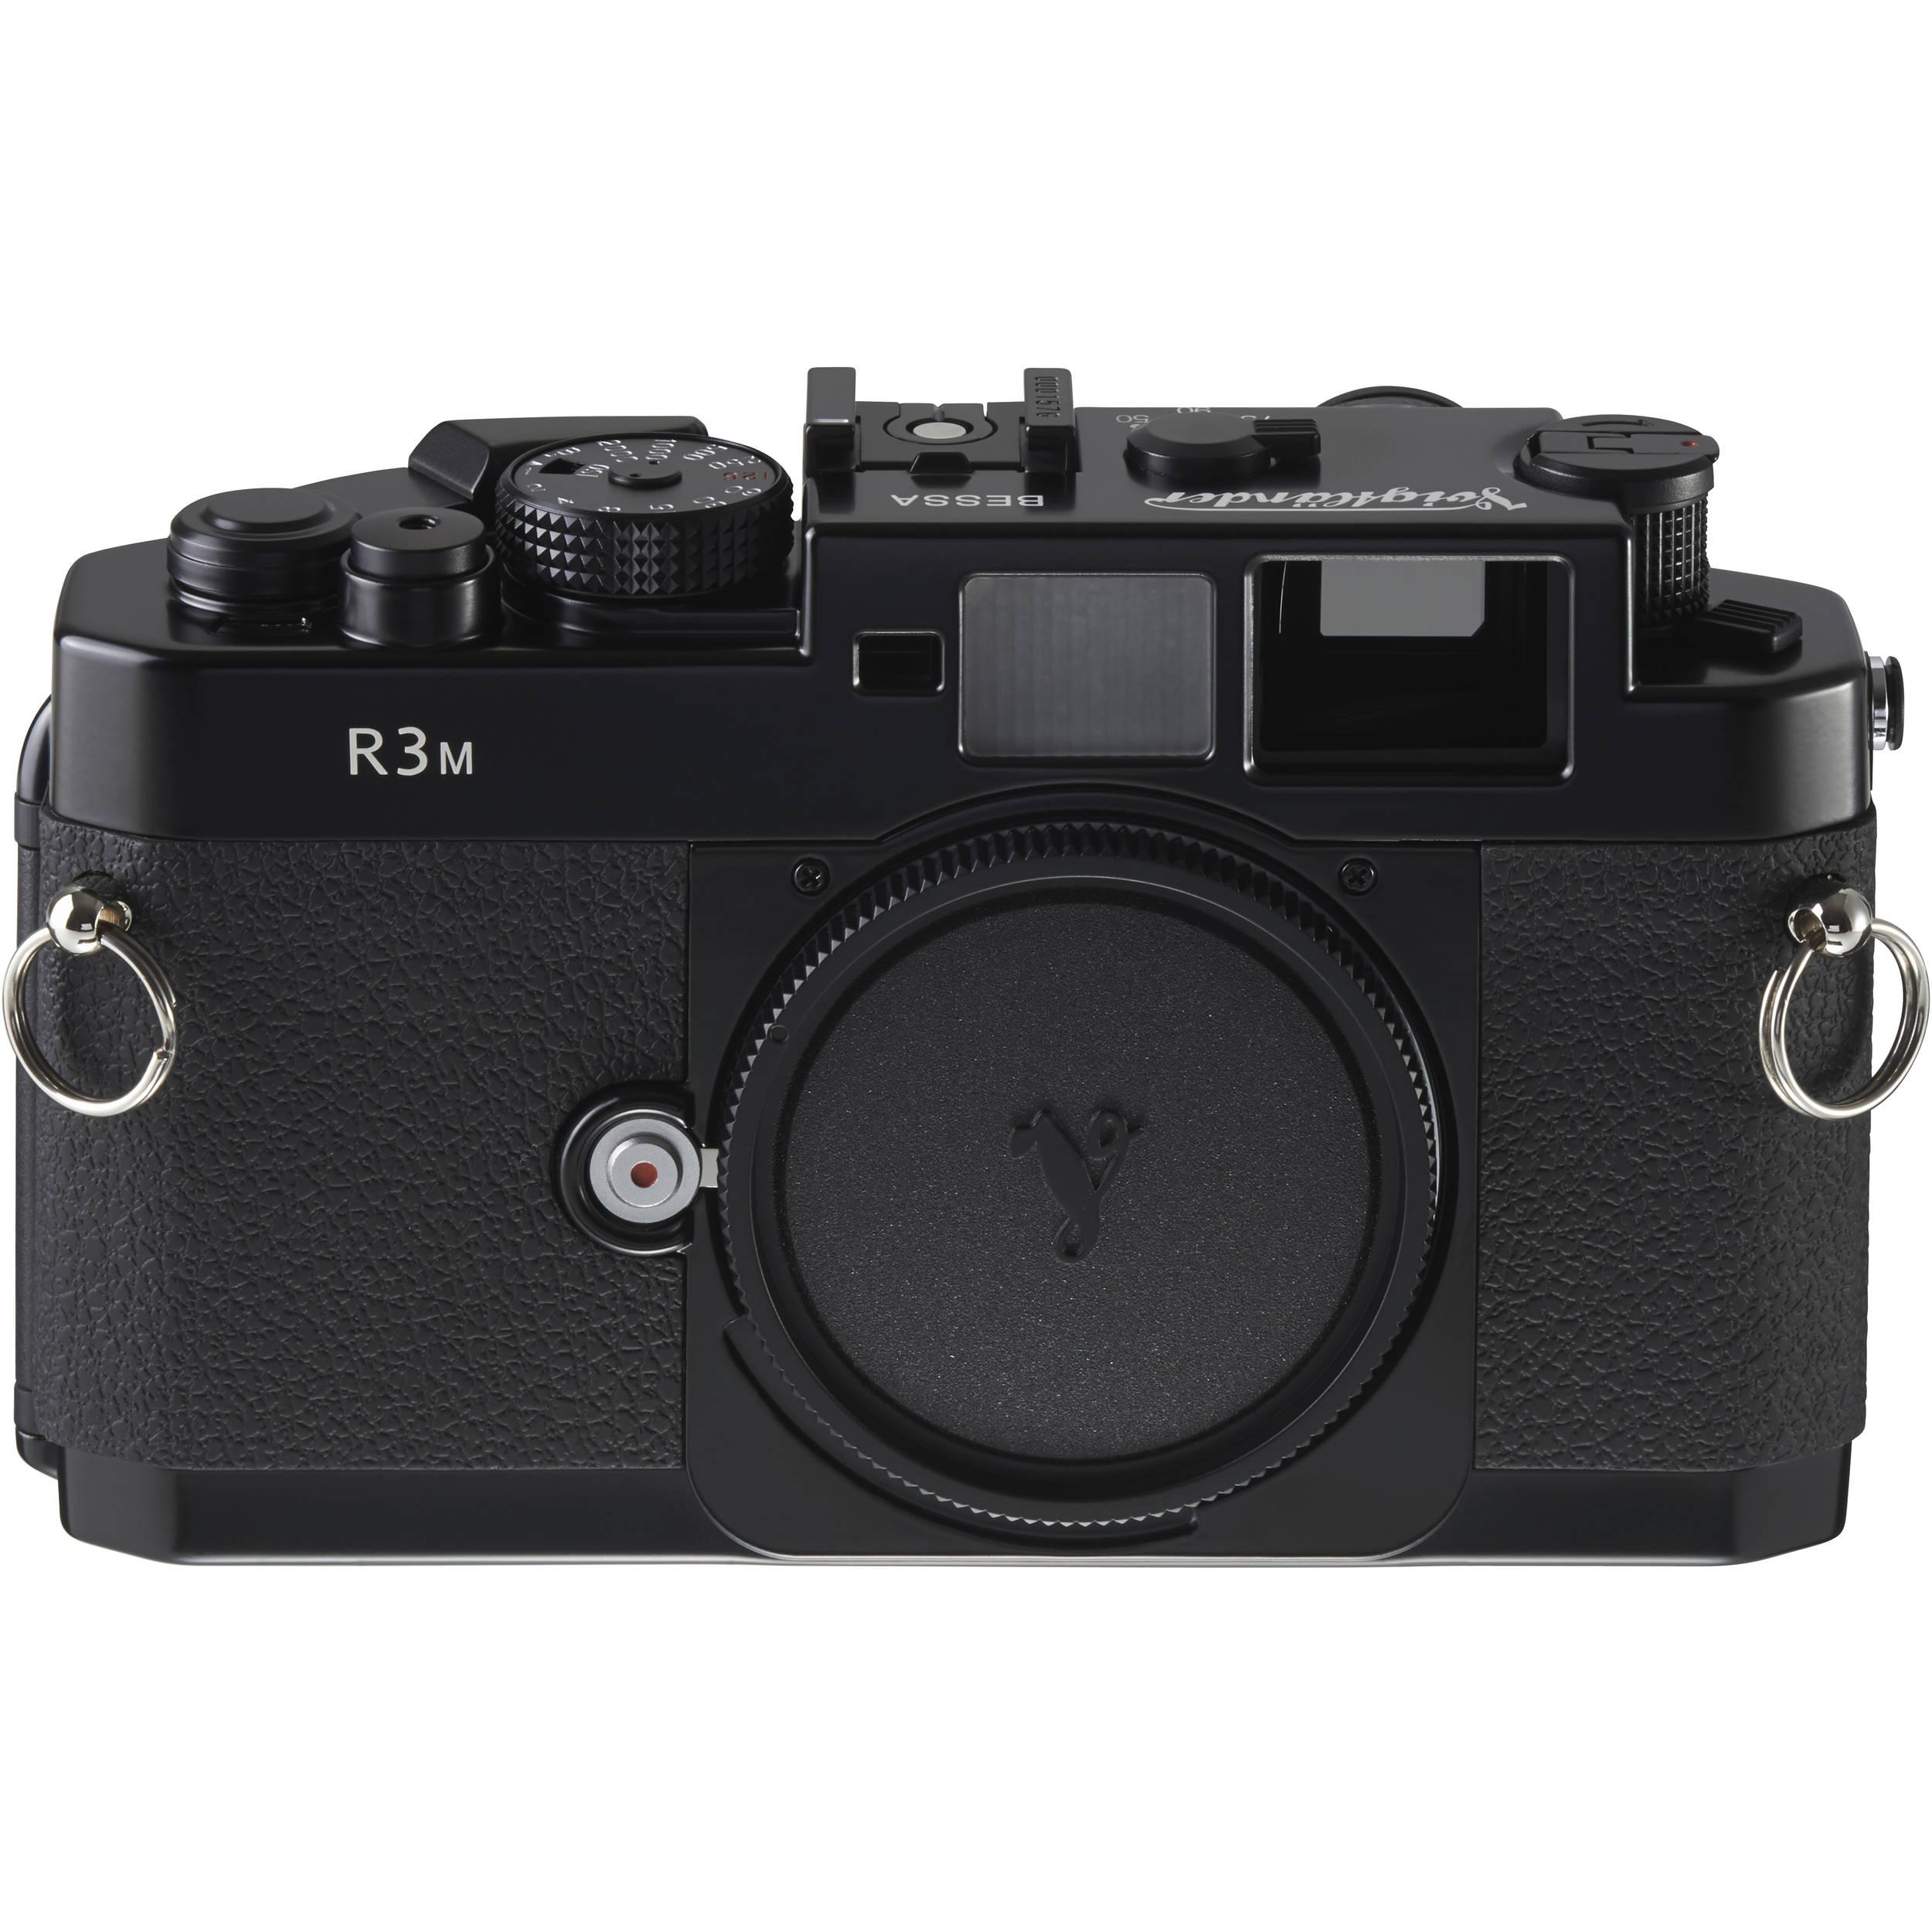 Voigtlander Bessa-R3M (1:1 Viewfinder) 35mm Rangefinder AA122A